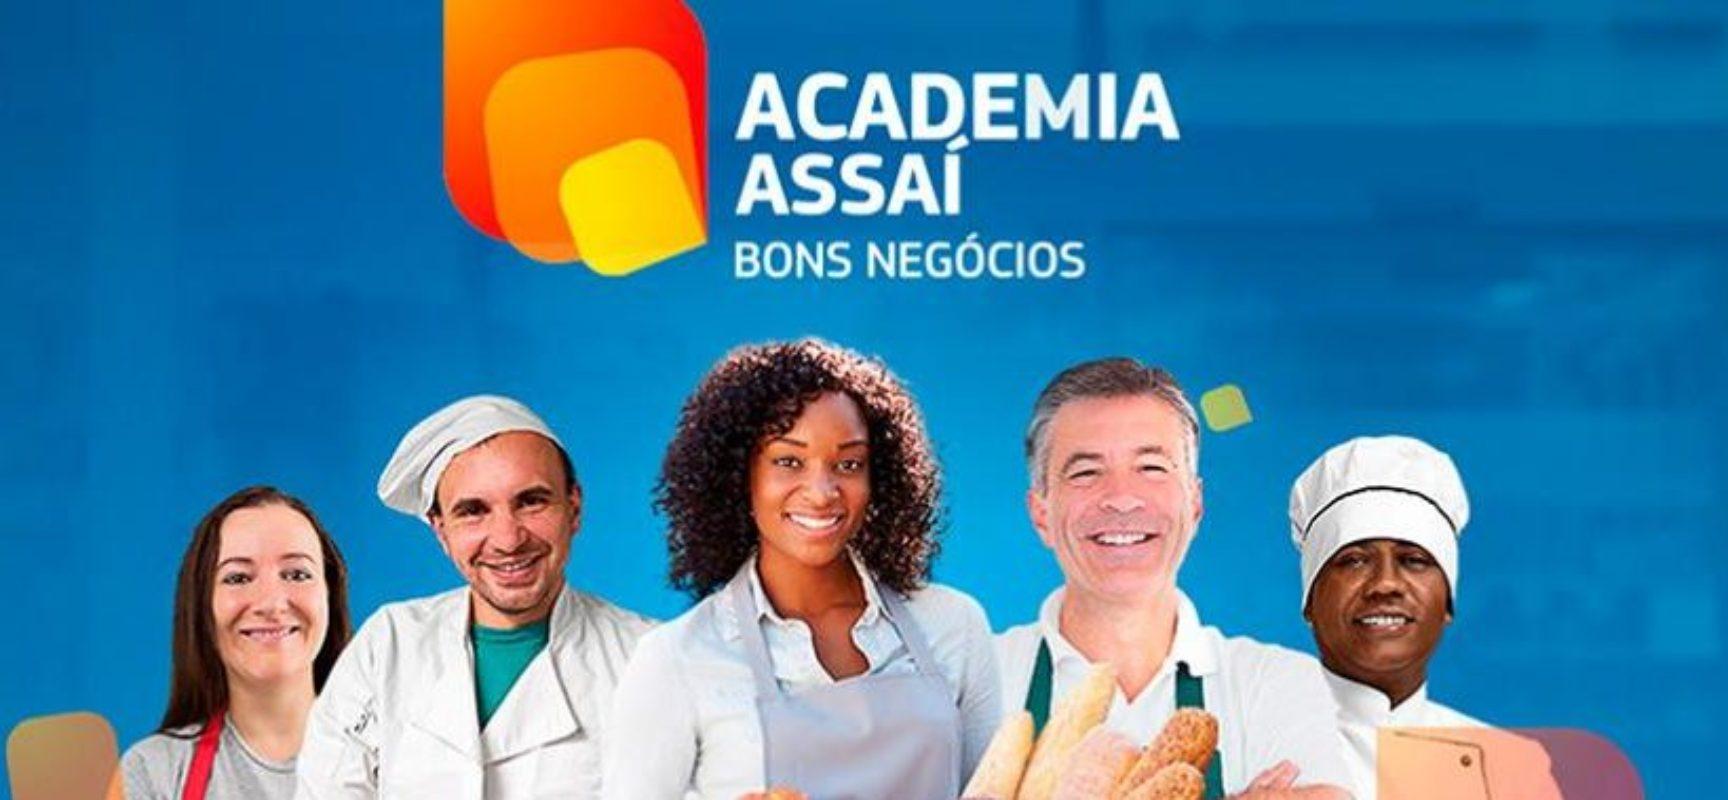 Assaí Atacadista oferece cursos que auxiliam micros e pequenos empreendedores do setor alimentício